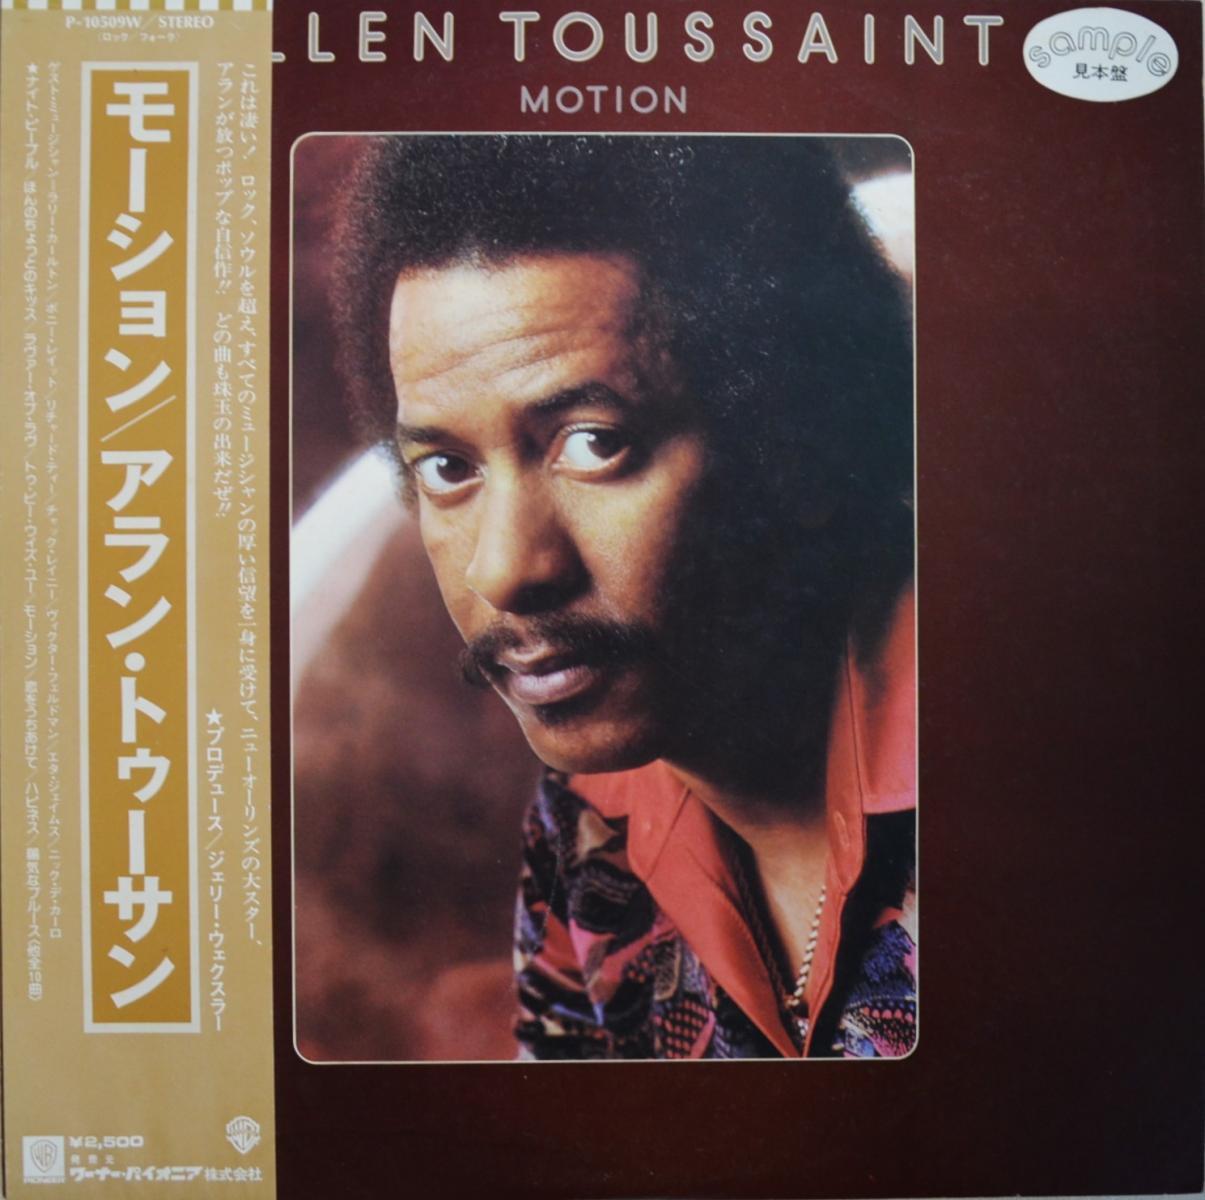 Allen Toussaint Motion